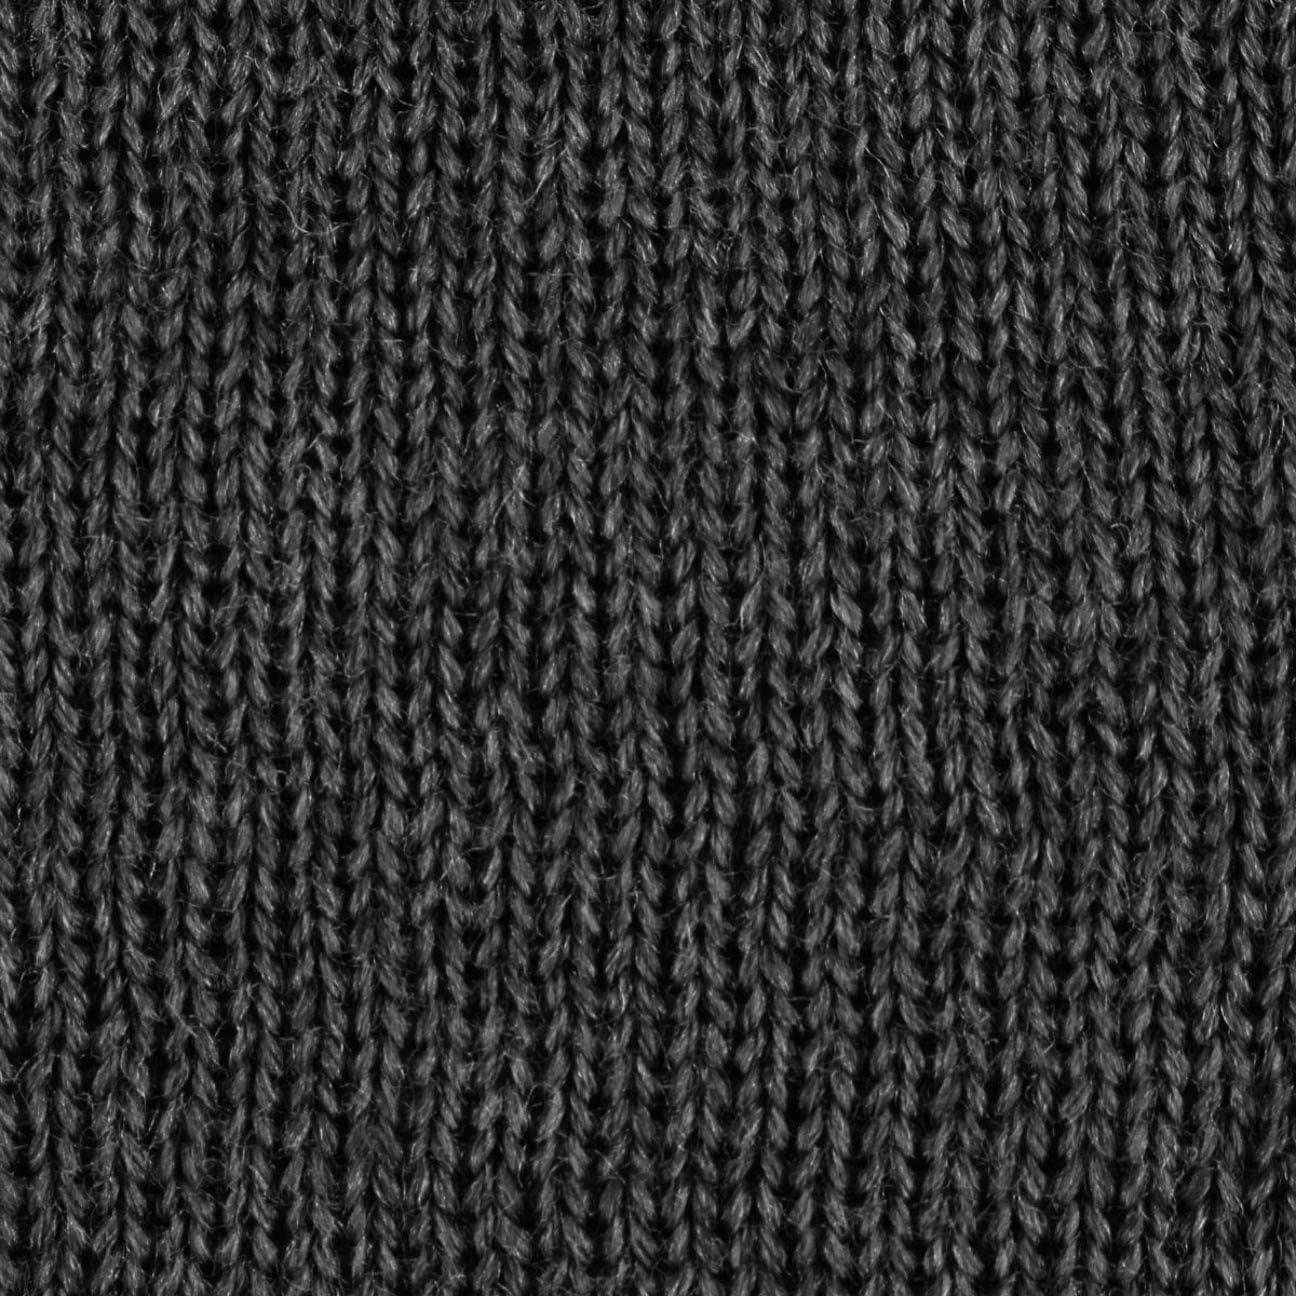 Internamente in Cotone Fascia in Maglia a Tre Strati in Merino Lierys Fascia copriorecchie Fine Merino Donna//Uomo Larghezza 7,5-10 cm - Made in Germany Taglia Unica 53-60 cm